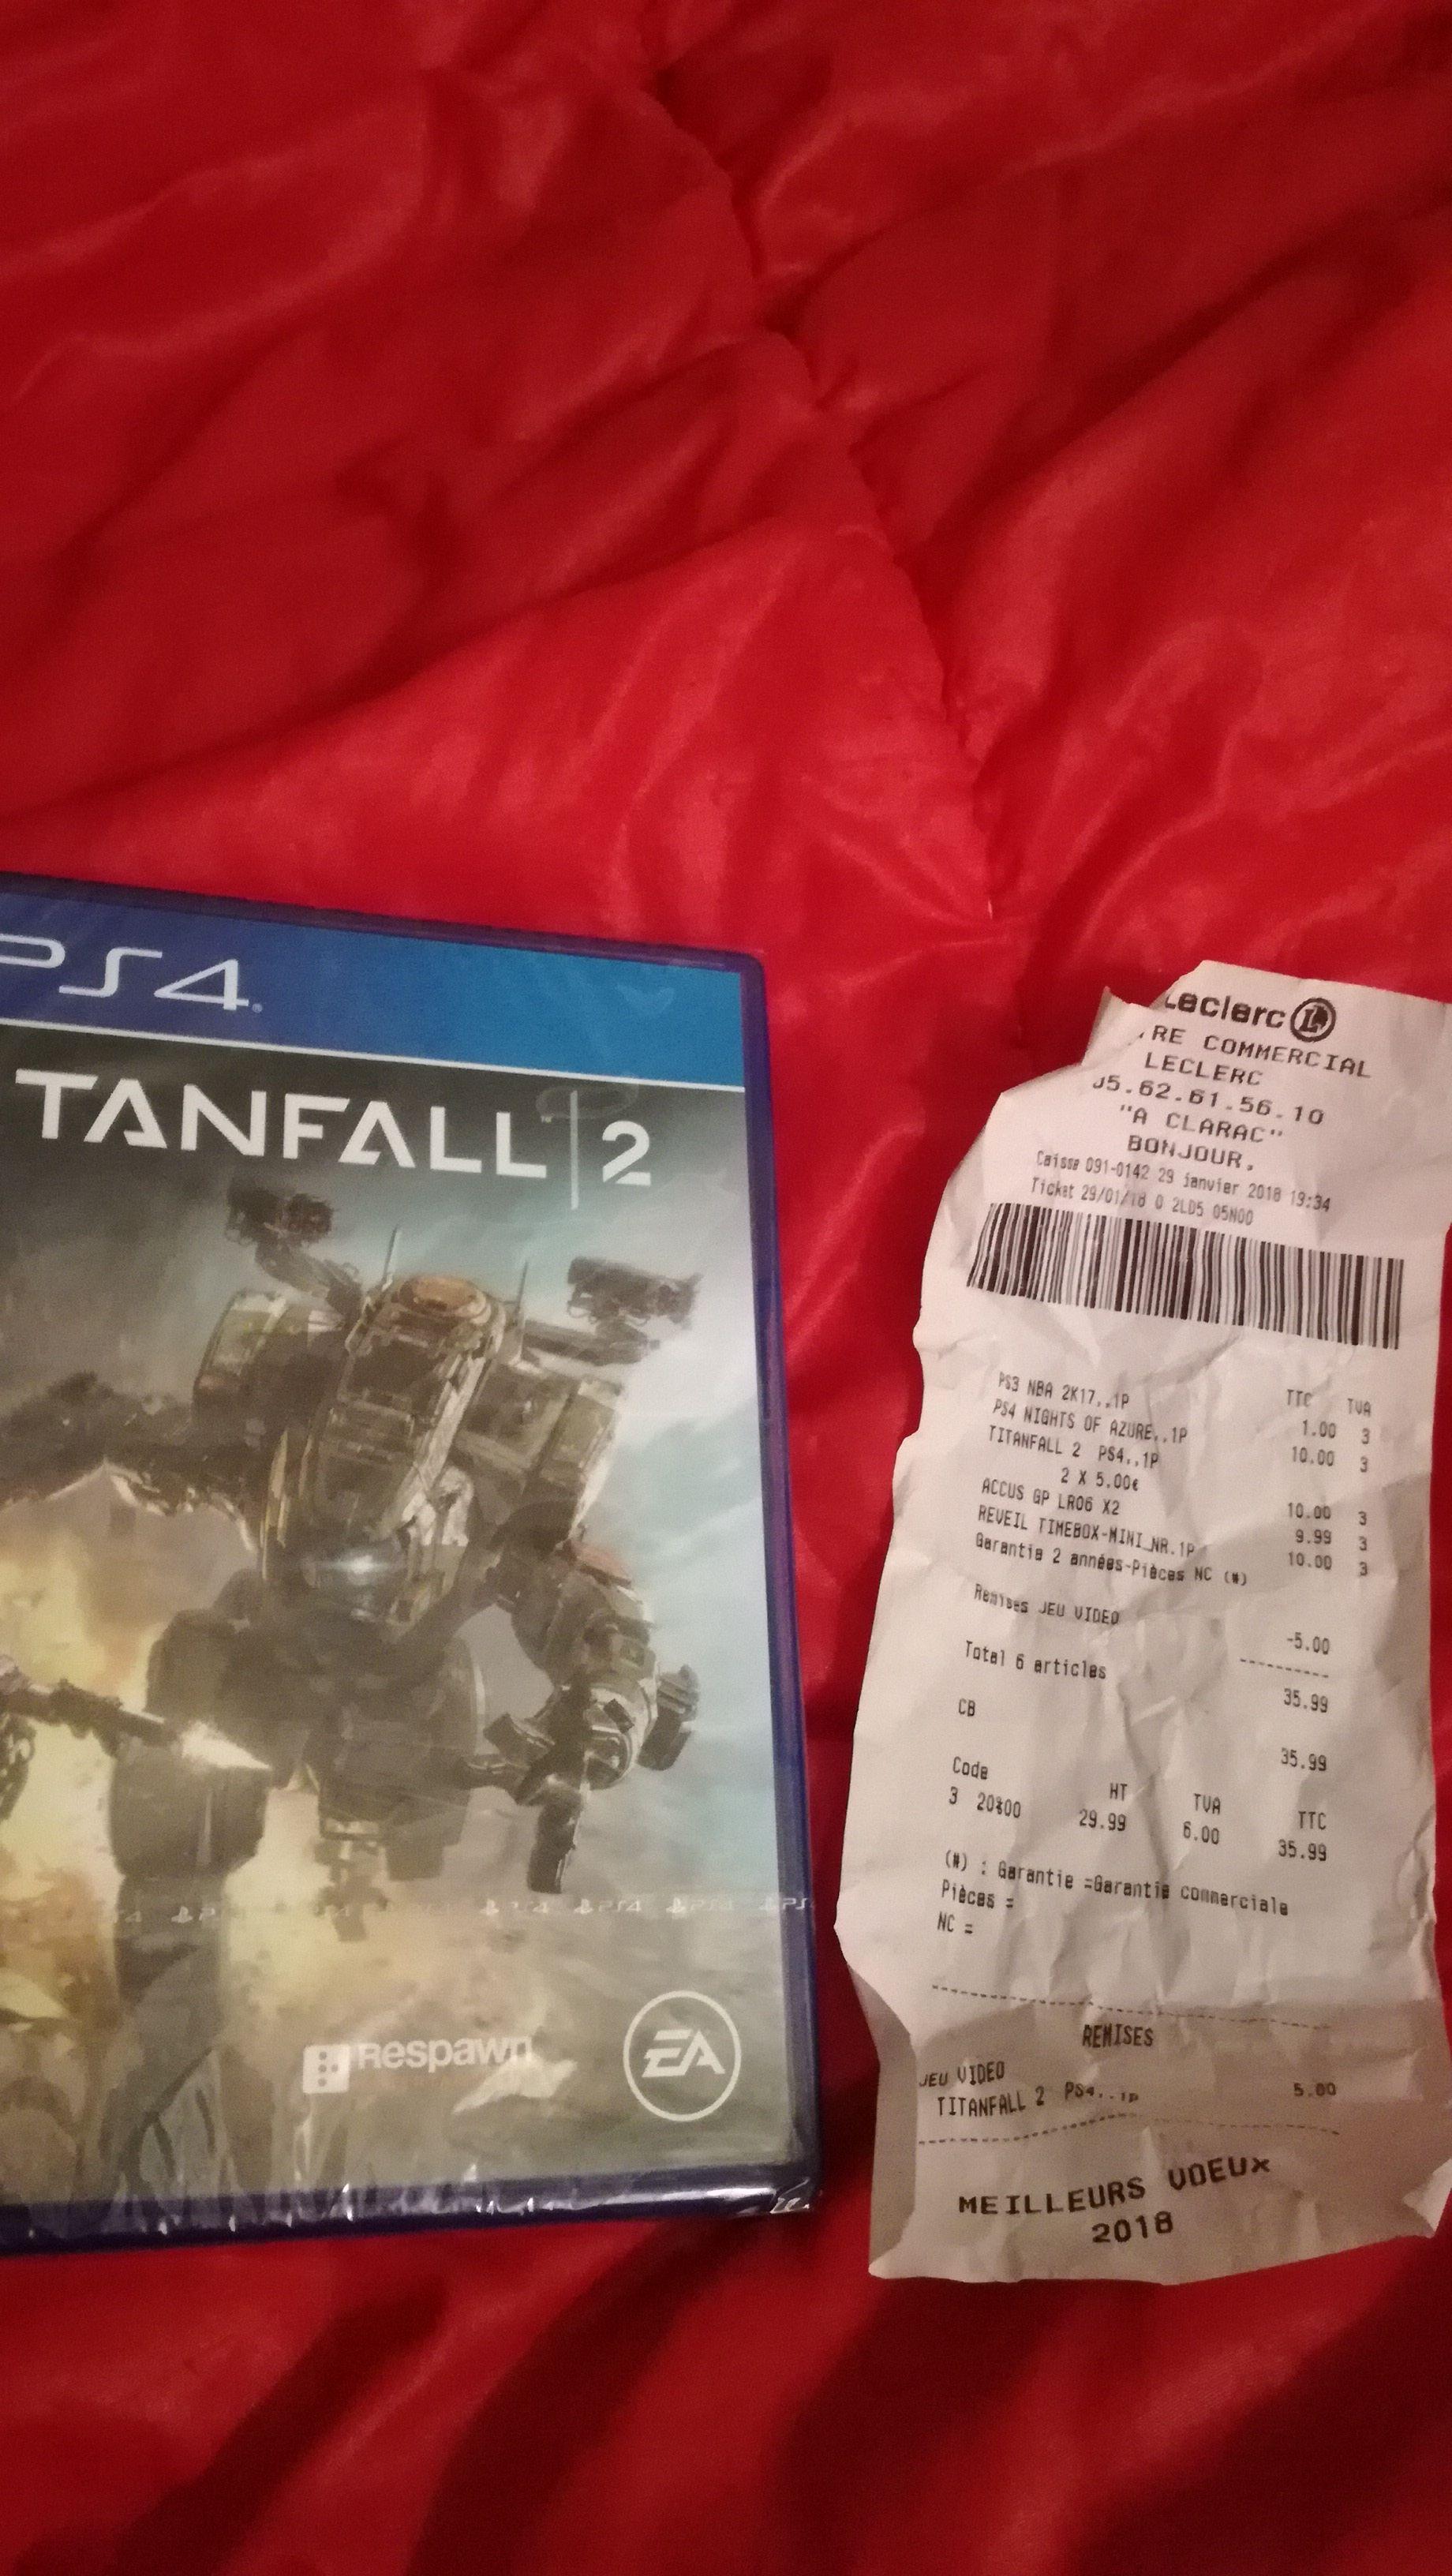 Titanfall 2 sur PS4 - Clarac (32)